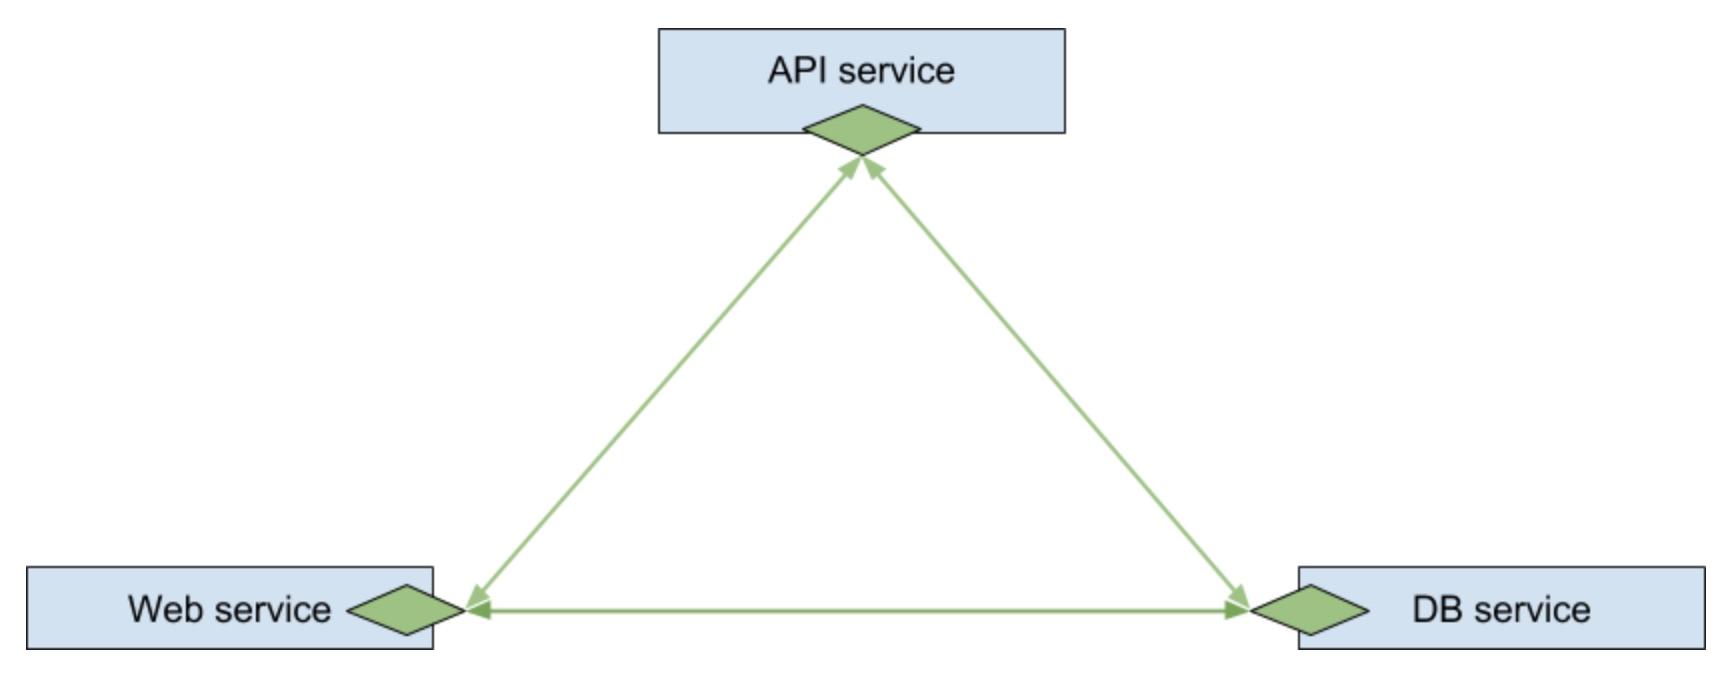 Воображаемое распределённое приложение подключённое к service mesh